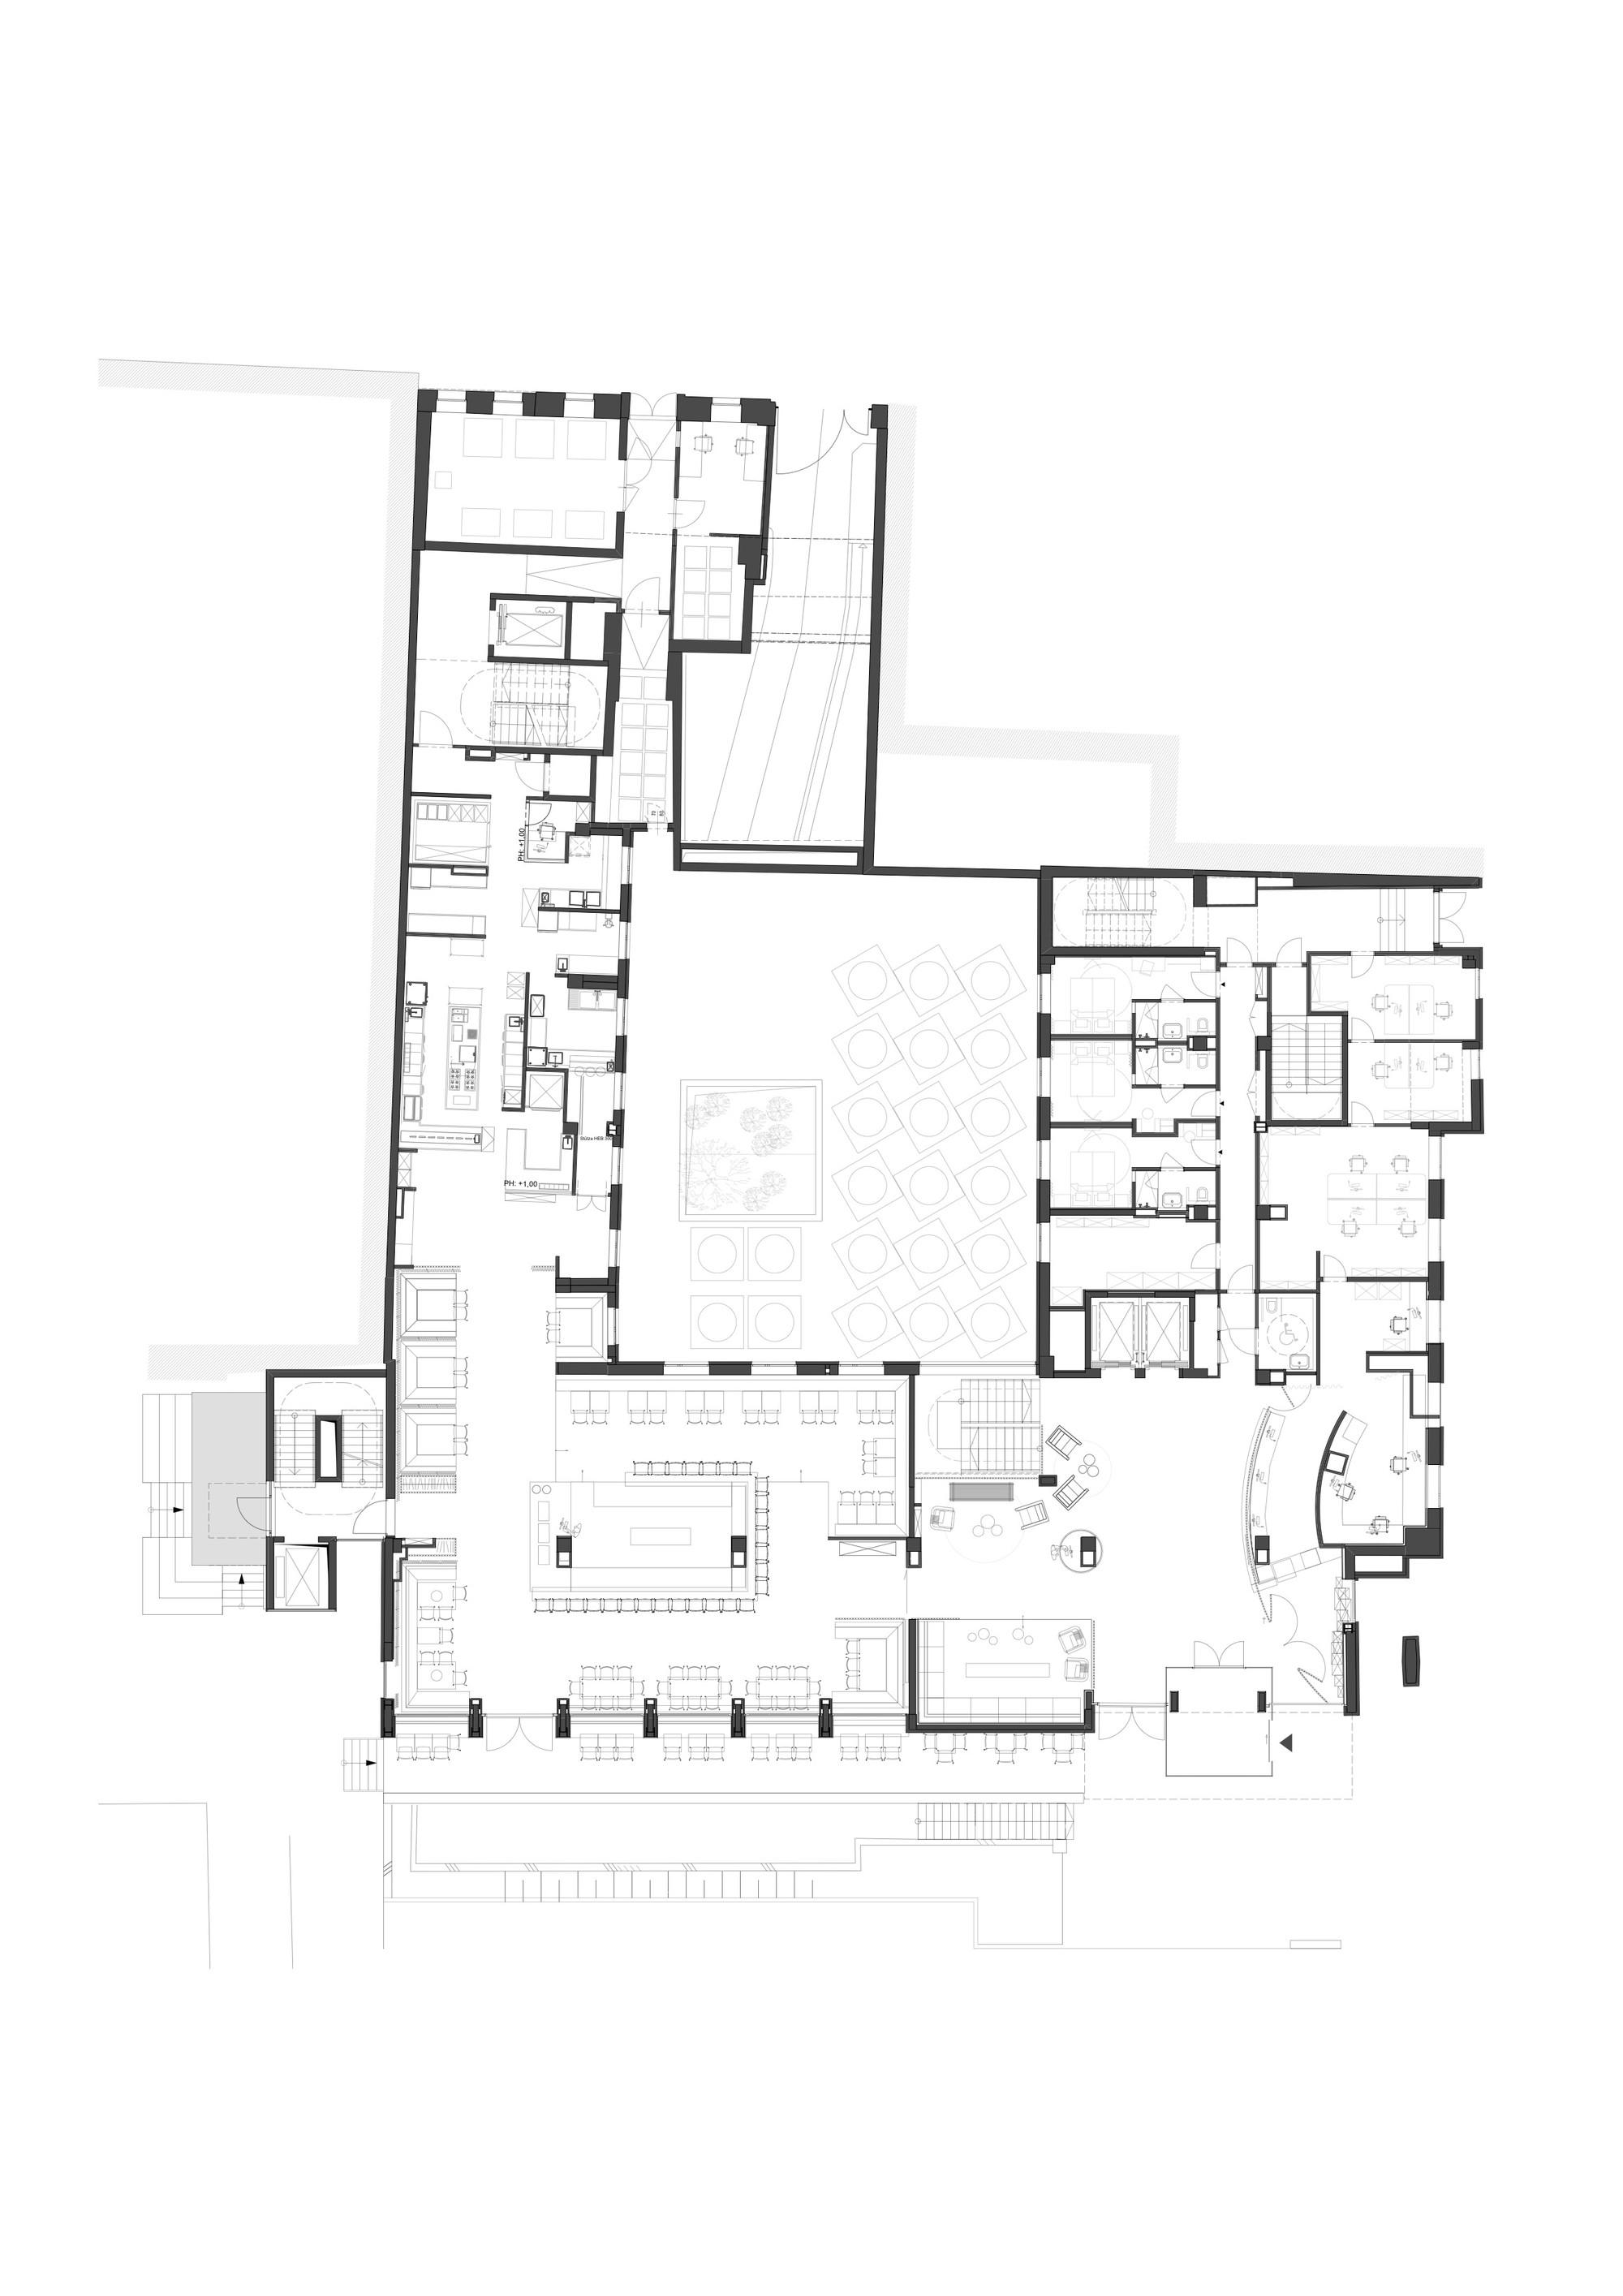 gallery of 25hours hotel vienna bwm architekten 21 25hours hotel vienna floor plan